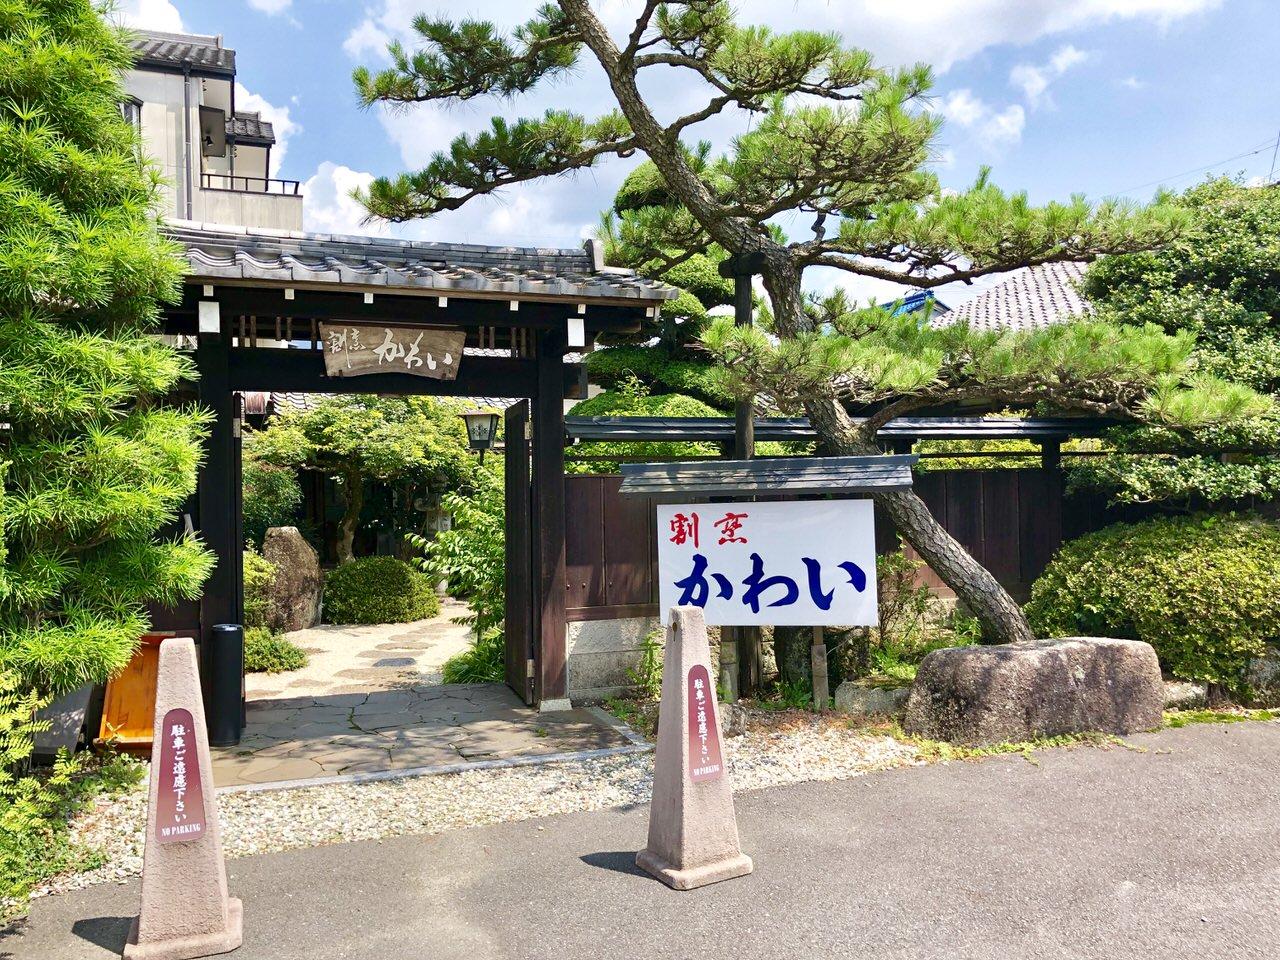 岩村の食事処、割烹かわいの入り口